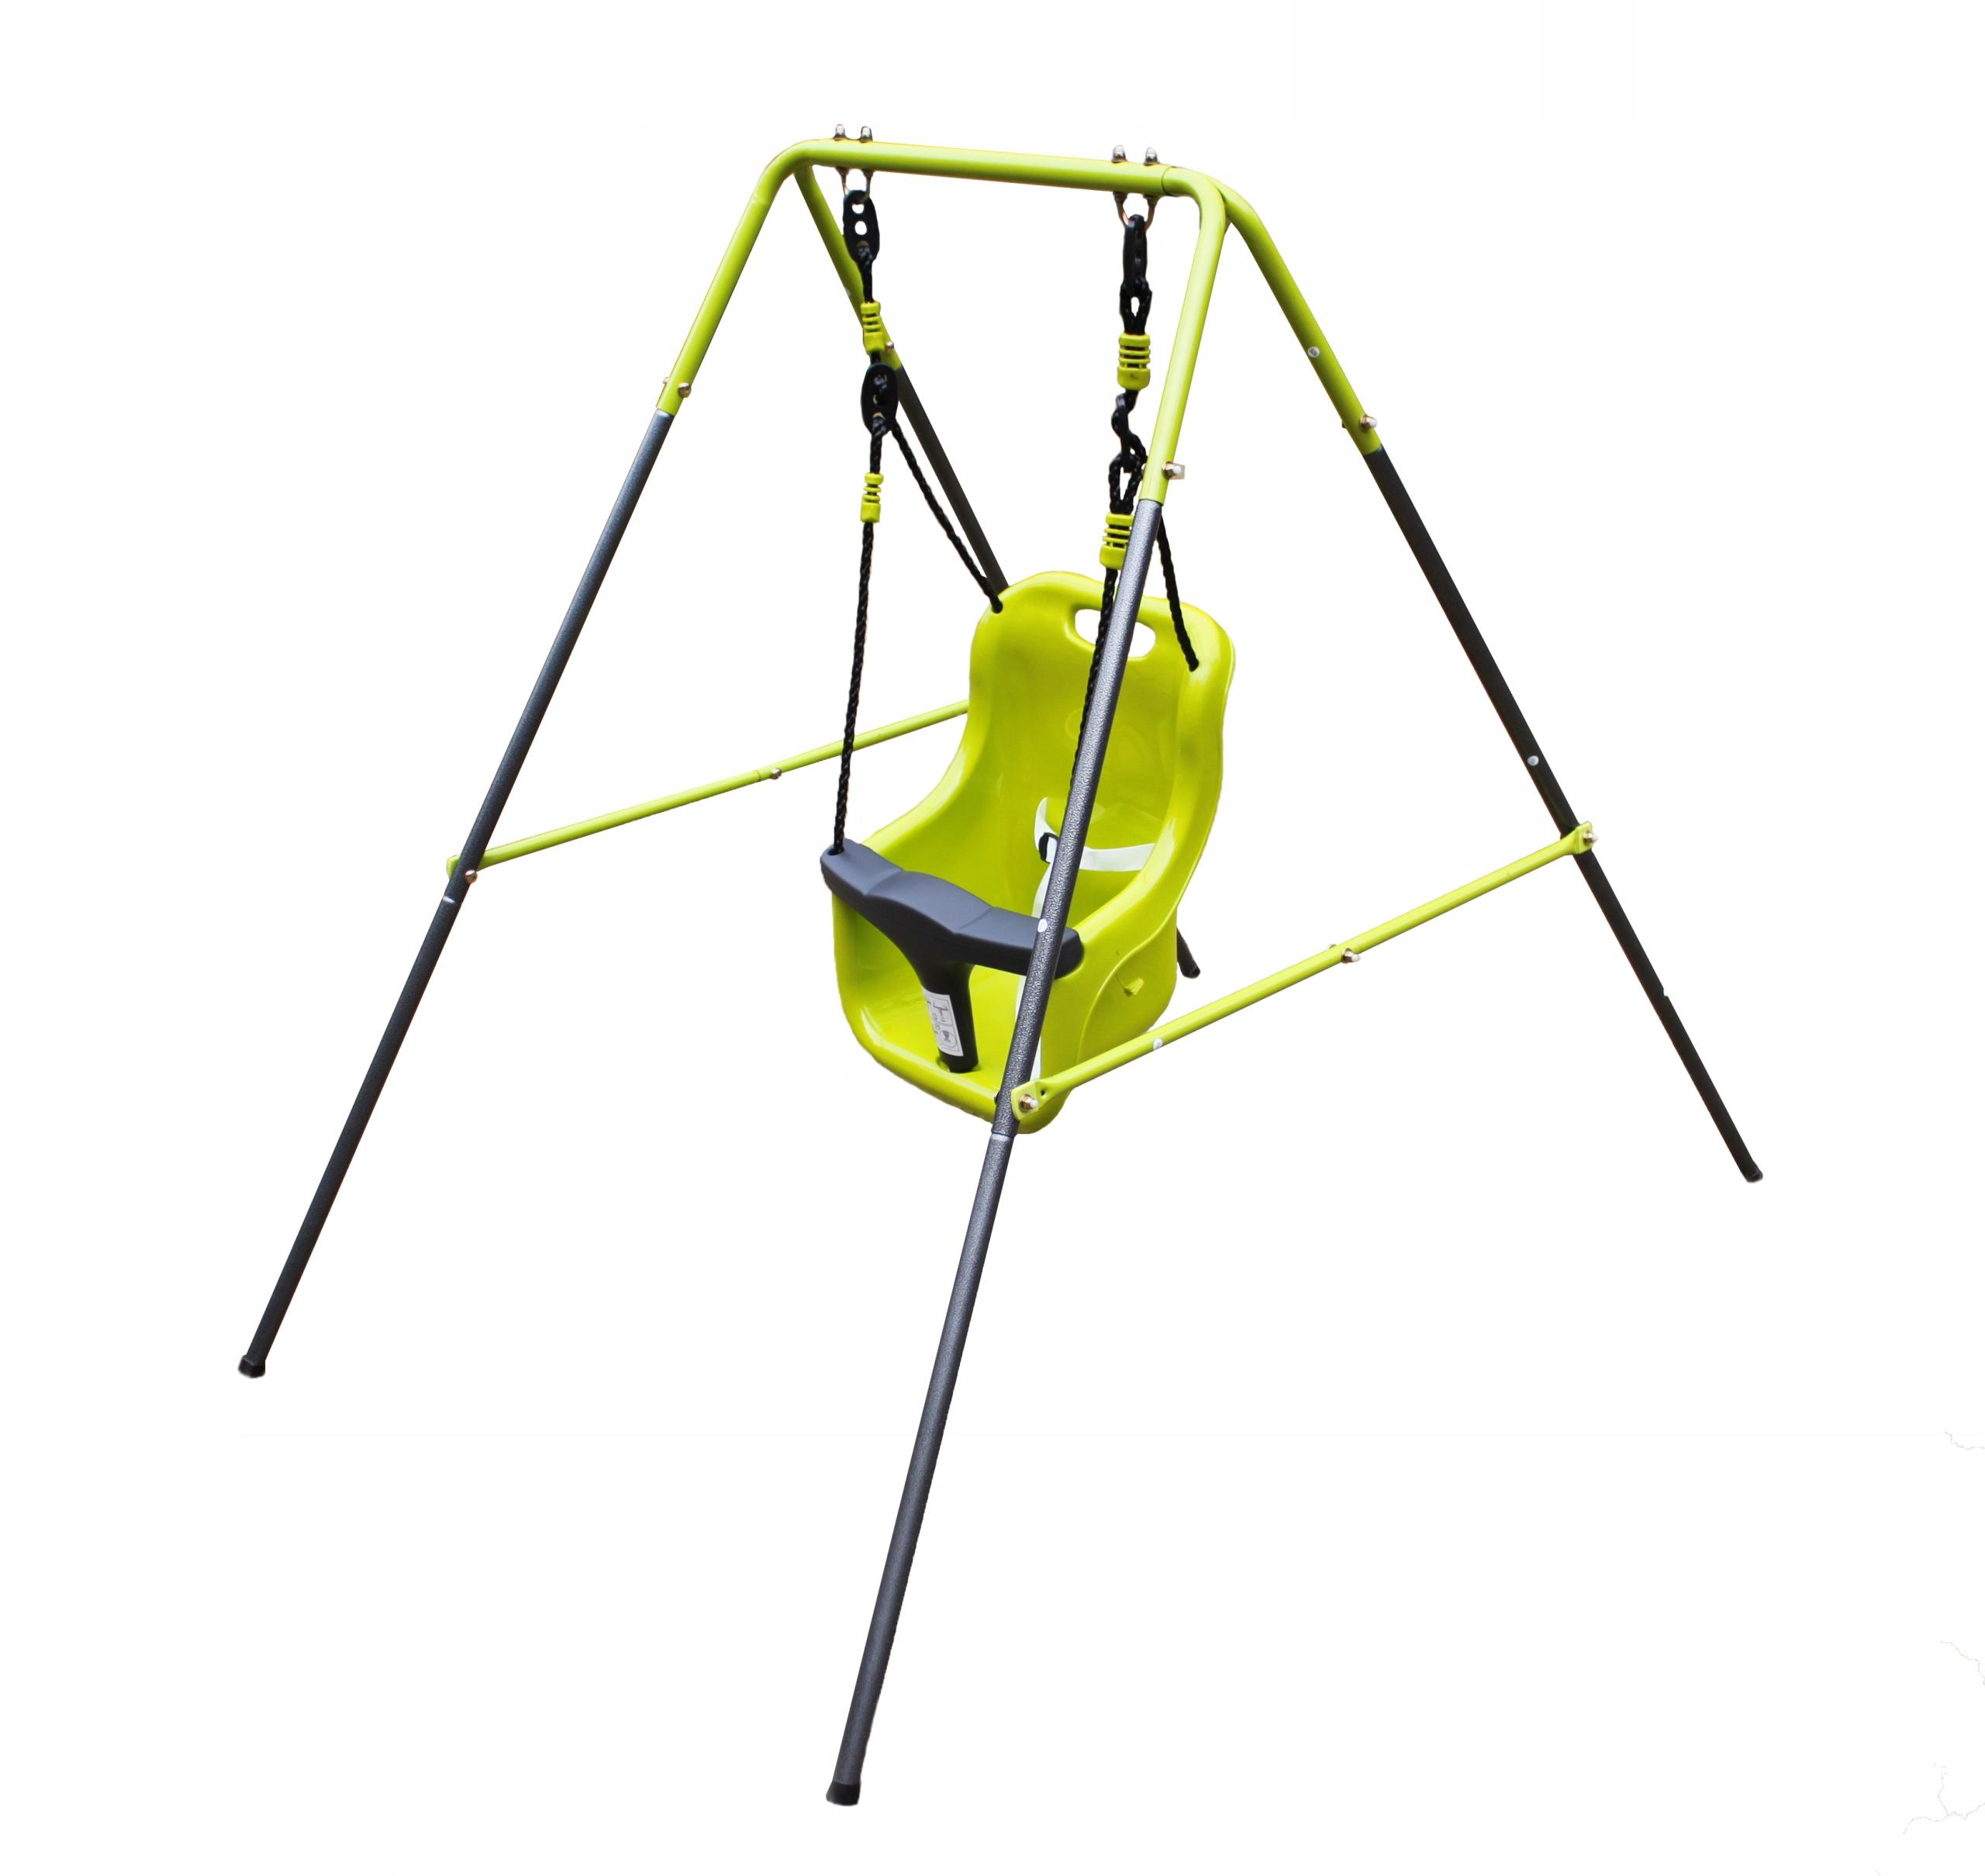 Kovové vedro Swing Megi svetlozelené 4iQ značka 4IQ Group